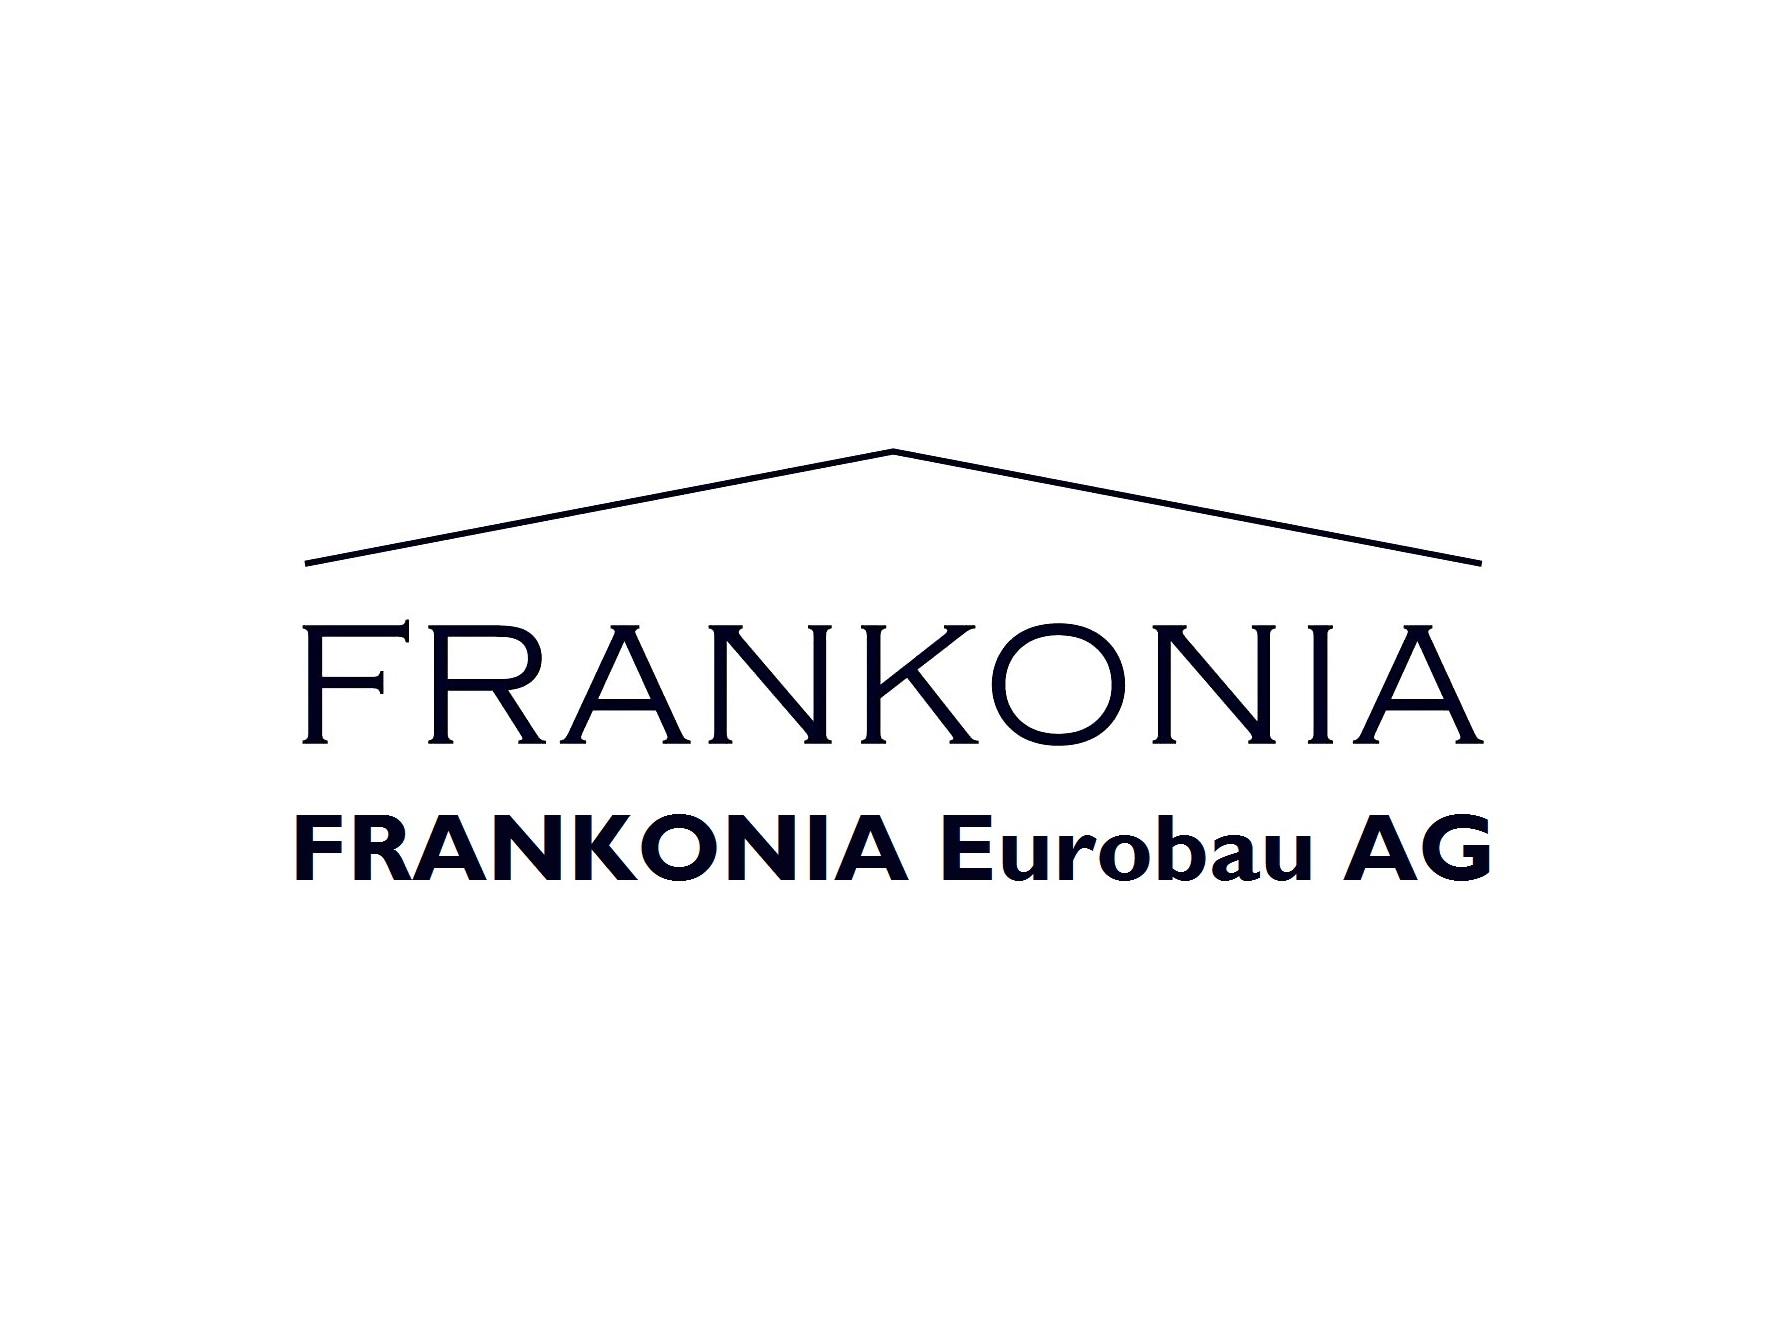 FRANKONIA Eurobau VersAM Stadtpalais Behrenstraße GmbH